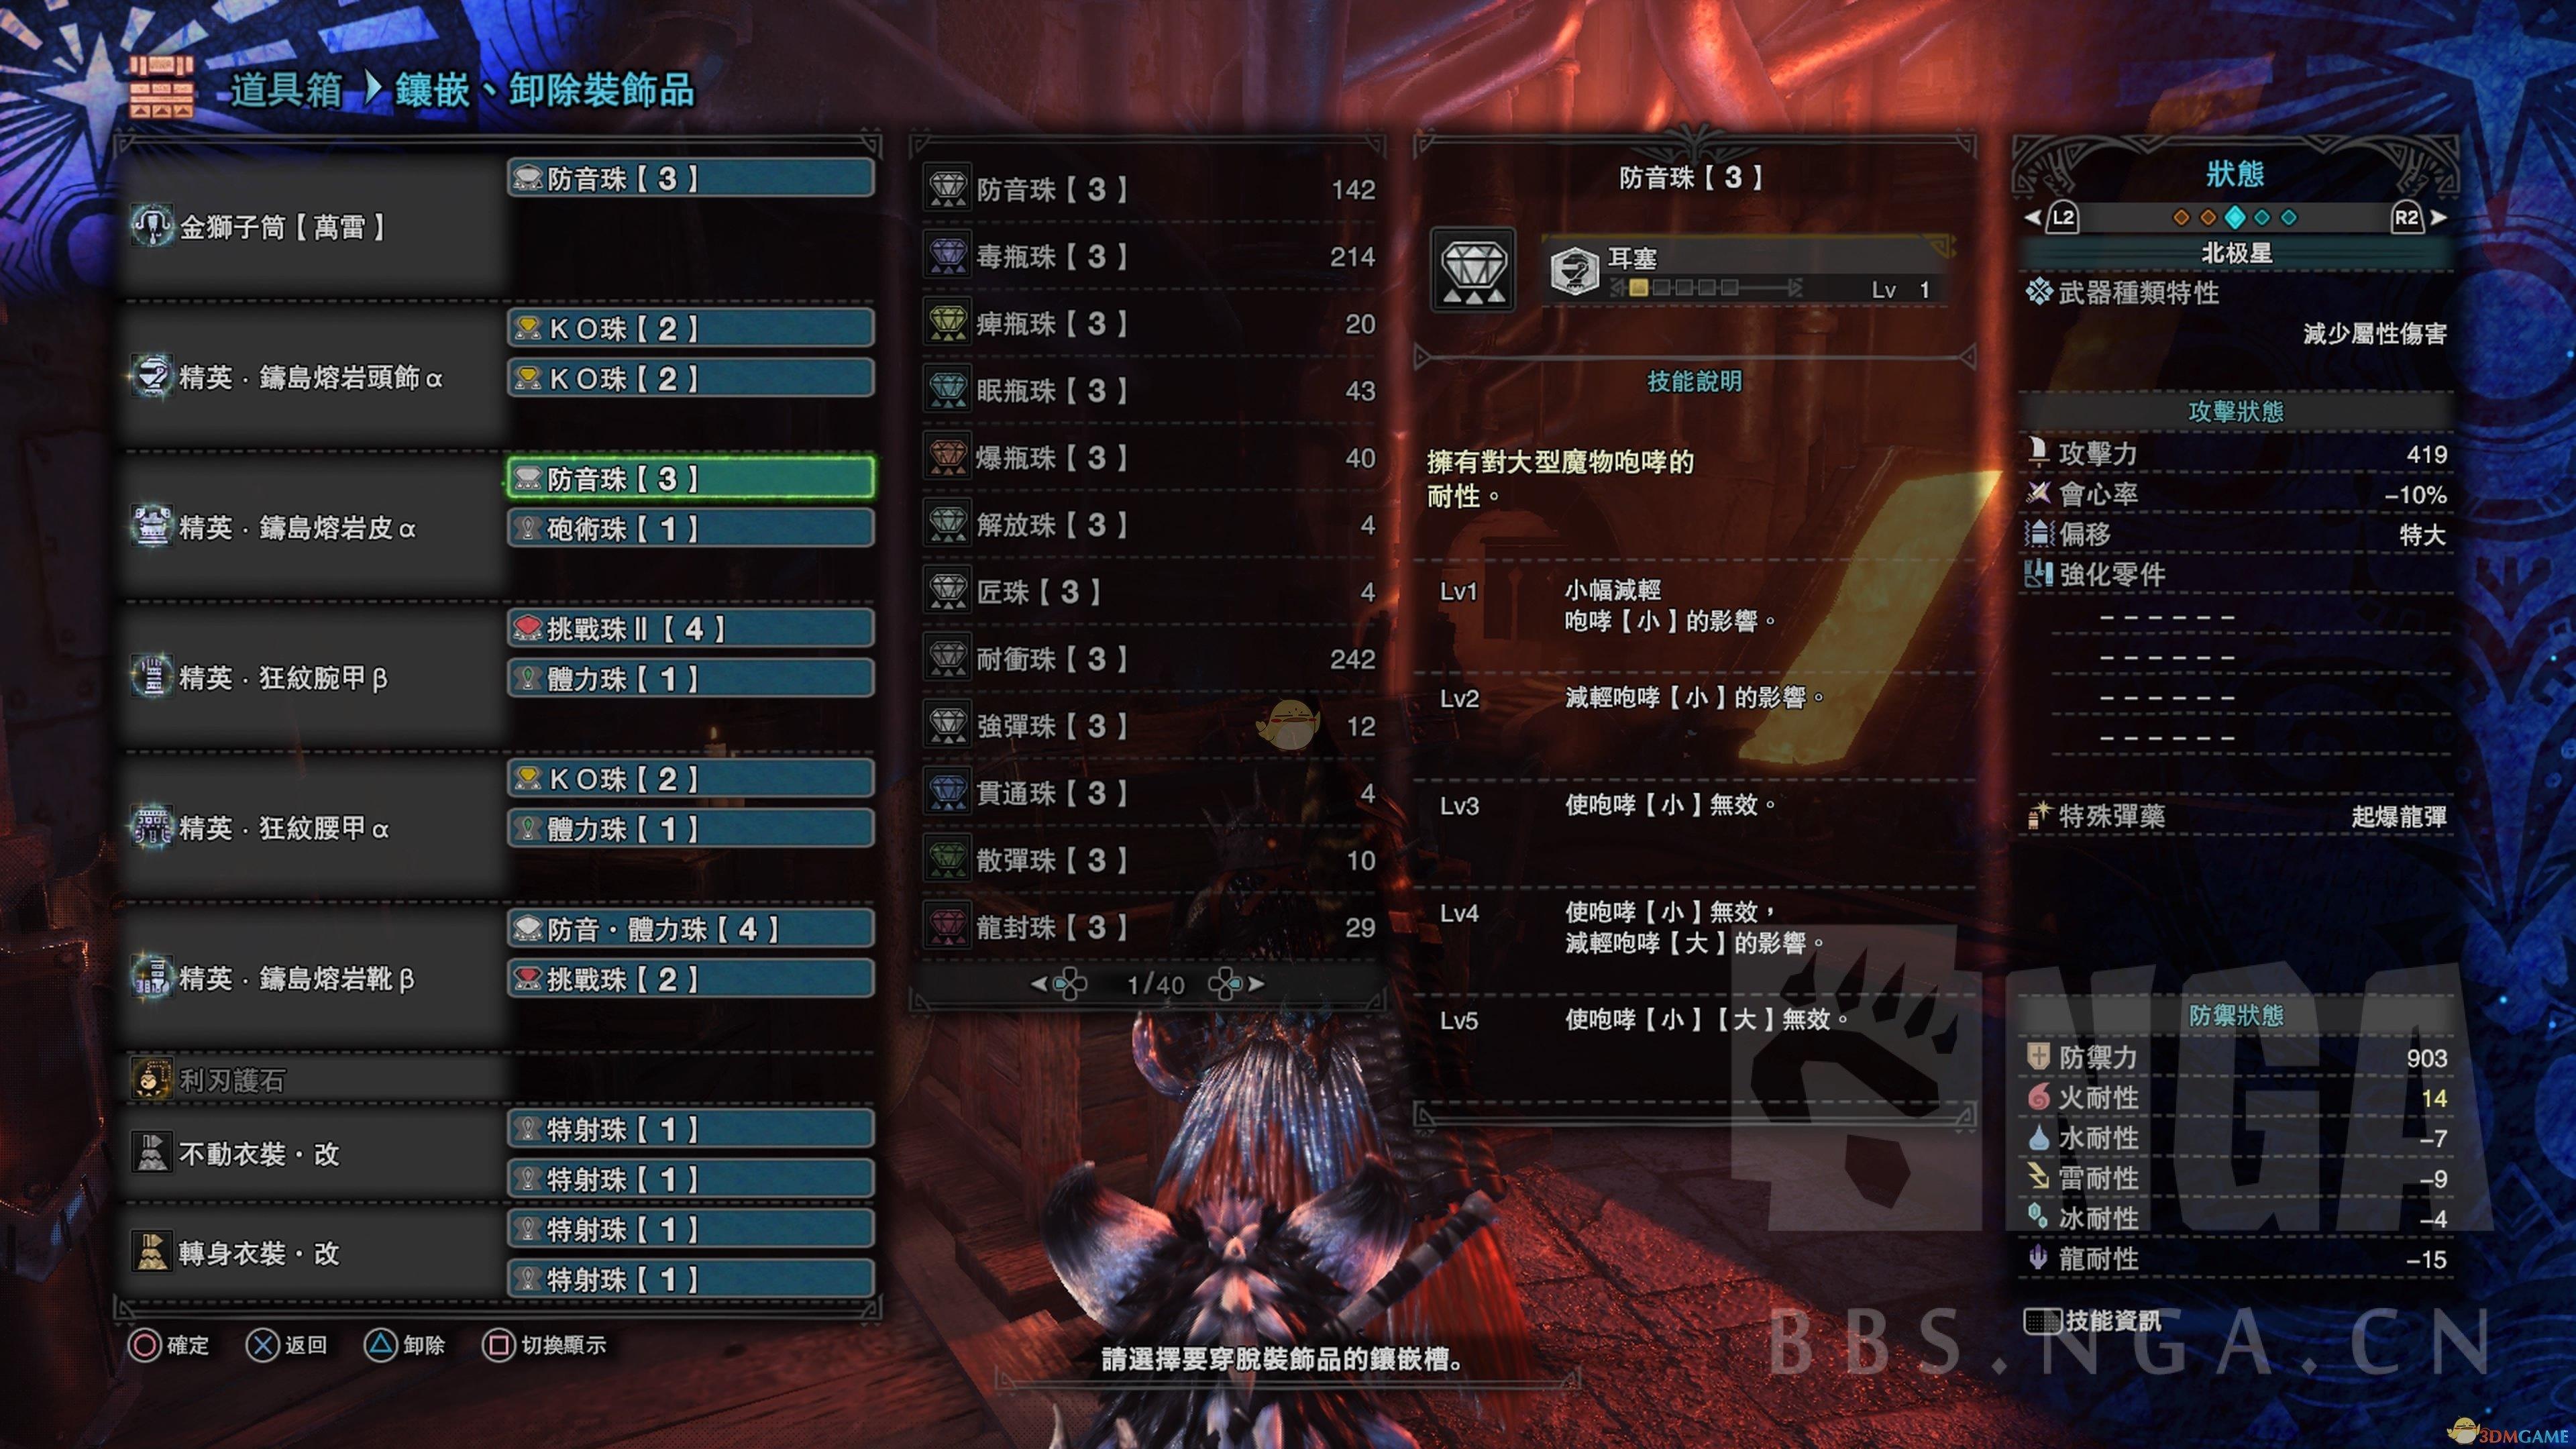 《怪物猎人:世界》轻重弩榴弹伤害上限数据分析